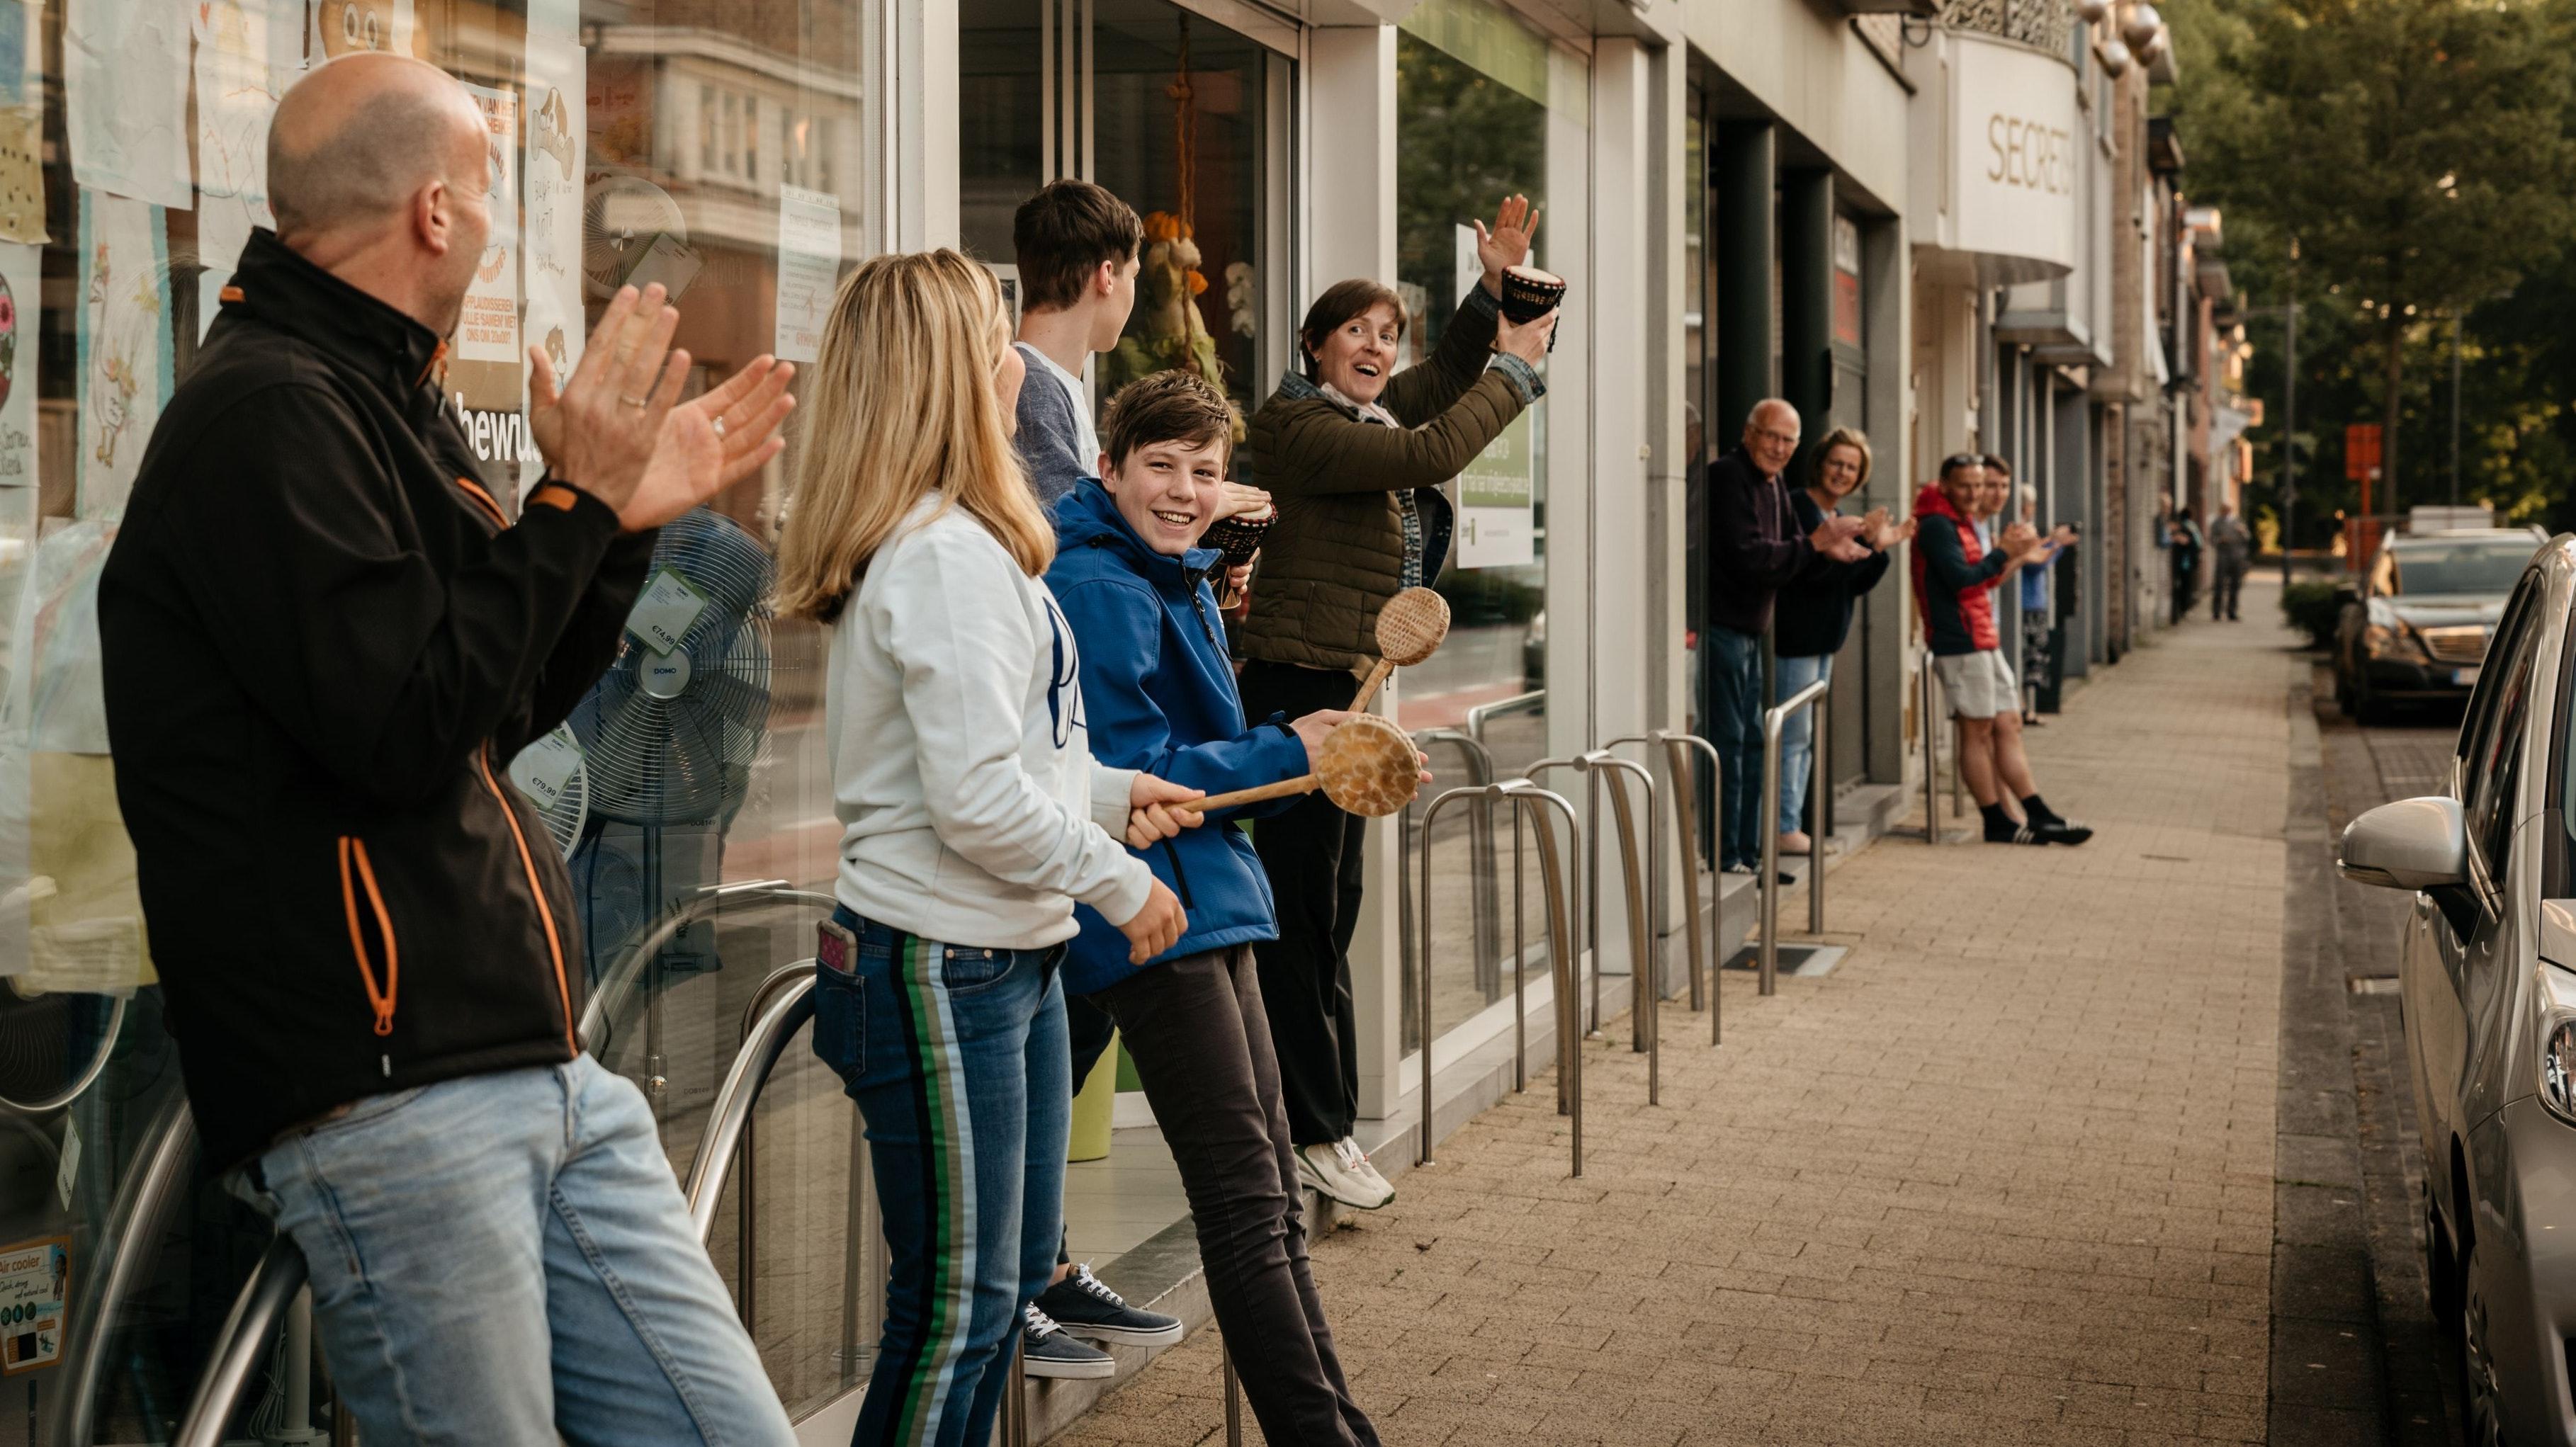 Applaus für die Helfer: Auch in der belgischen Gemeinde Essen ist es im Zuge der Corona-Pandemie mittlerweile für viele Menschen eine Art allabendliches Ritual geworden, medizinischem und Pflegepersonal durch gemeinsames Applaudieren ihren Dank auszudrücken.  Foto: © Gemeinde Essen